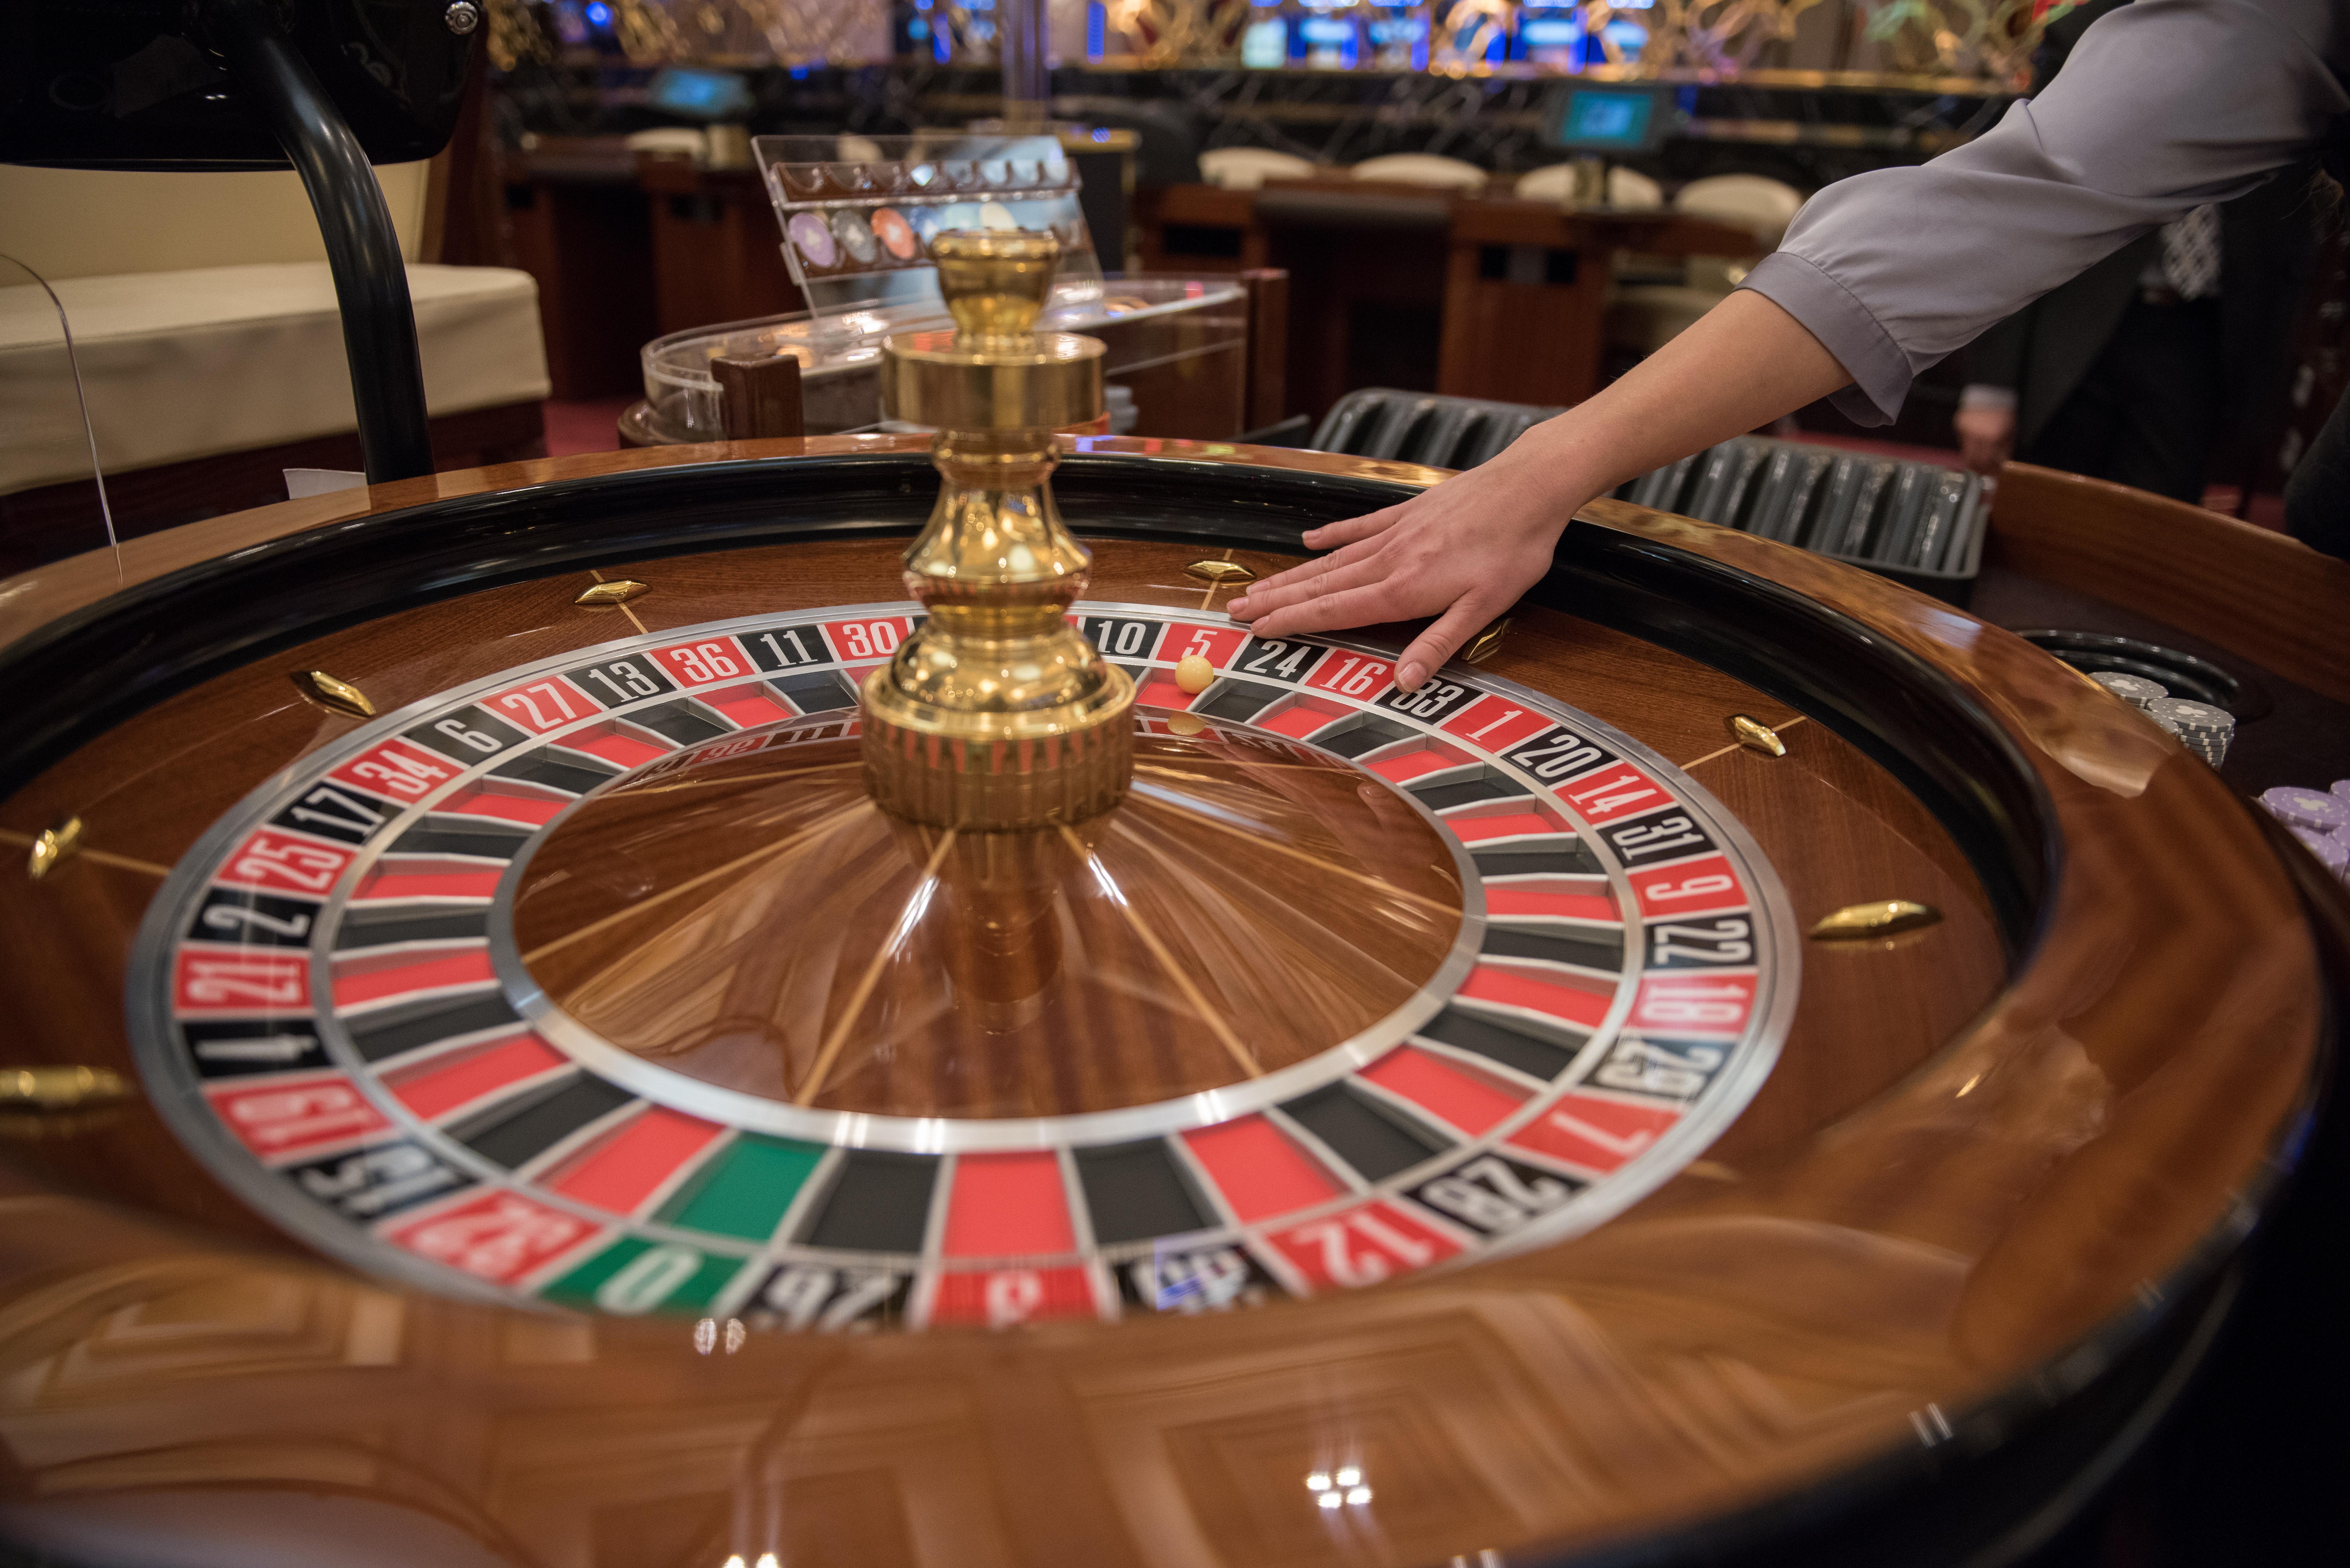 Finlândia loteria veikkaus lotto - regras do jogo + instrução: como jogar da Rússia   loterias estrangeiras